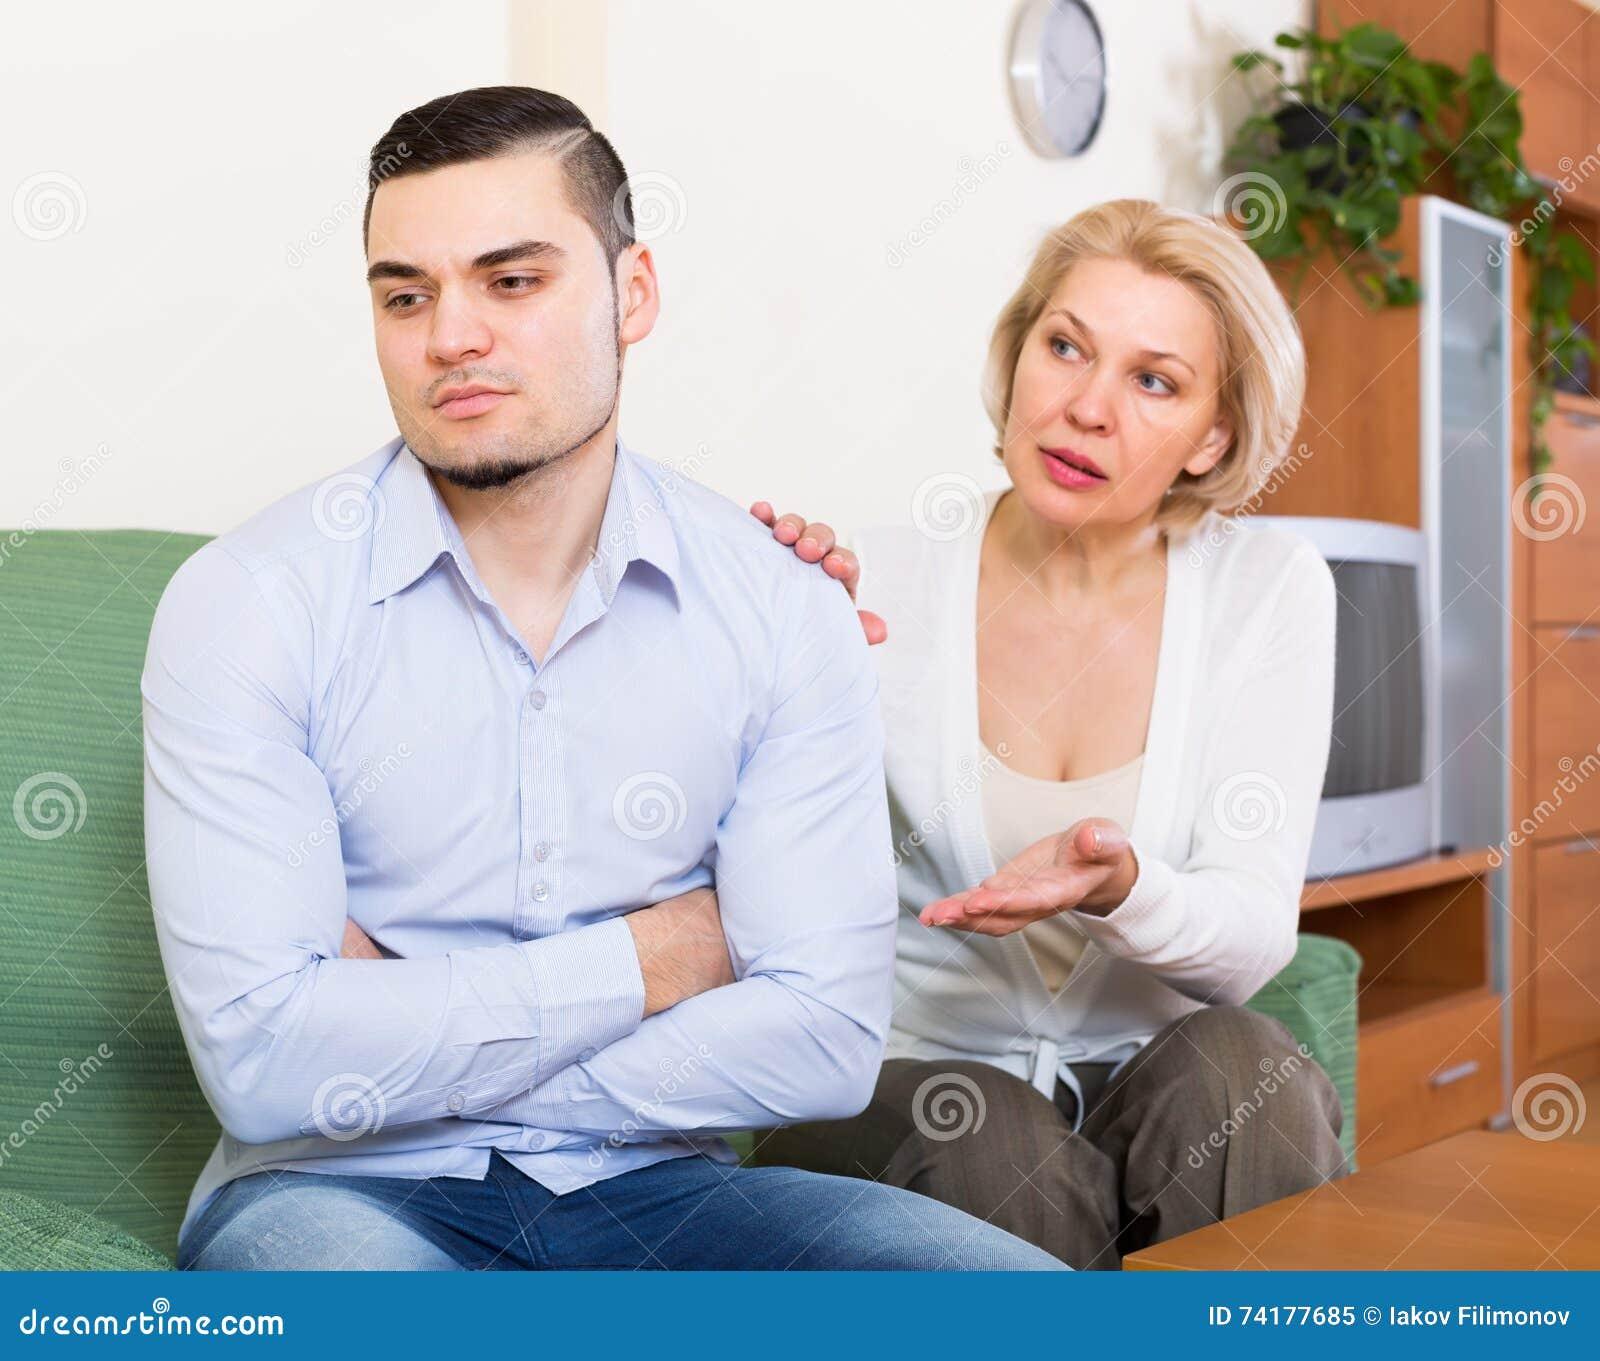 10 do es und Don  ts für Online-Dating